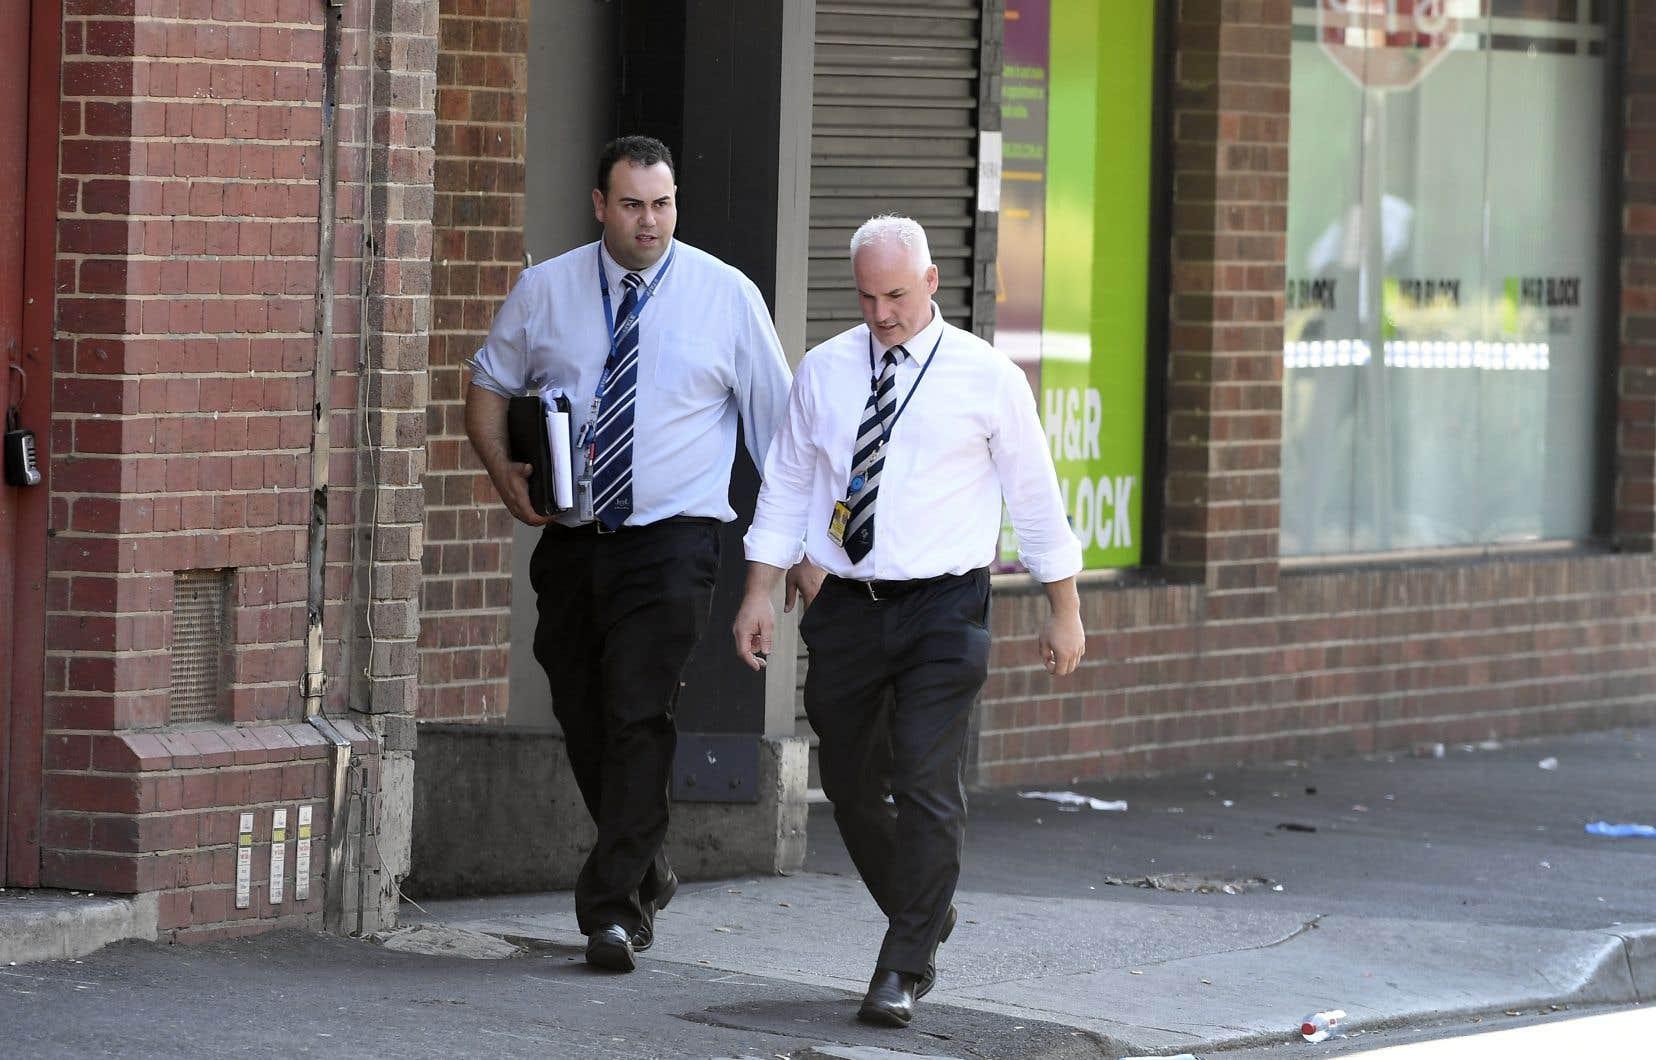 Les enquêteurs travaillent notamment sur la piste de gangs de motards, rapporte le quotidien «The Age» de Melbourne.